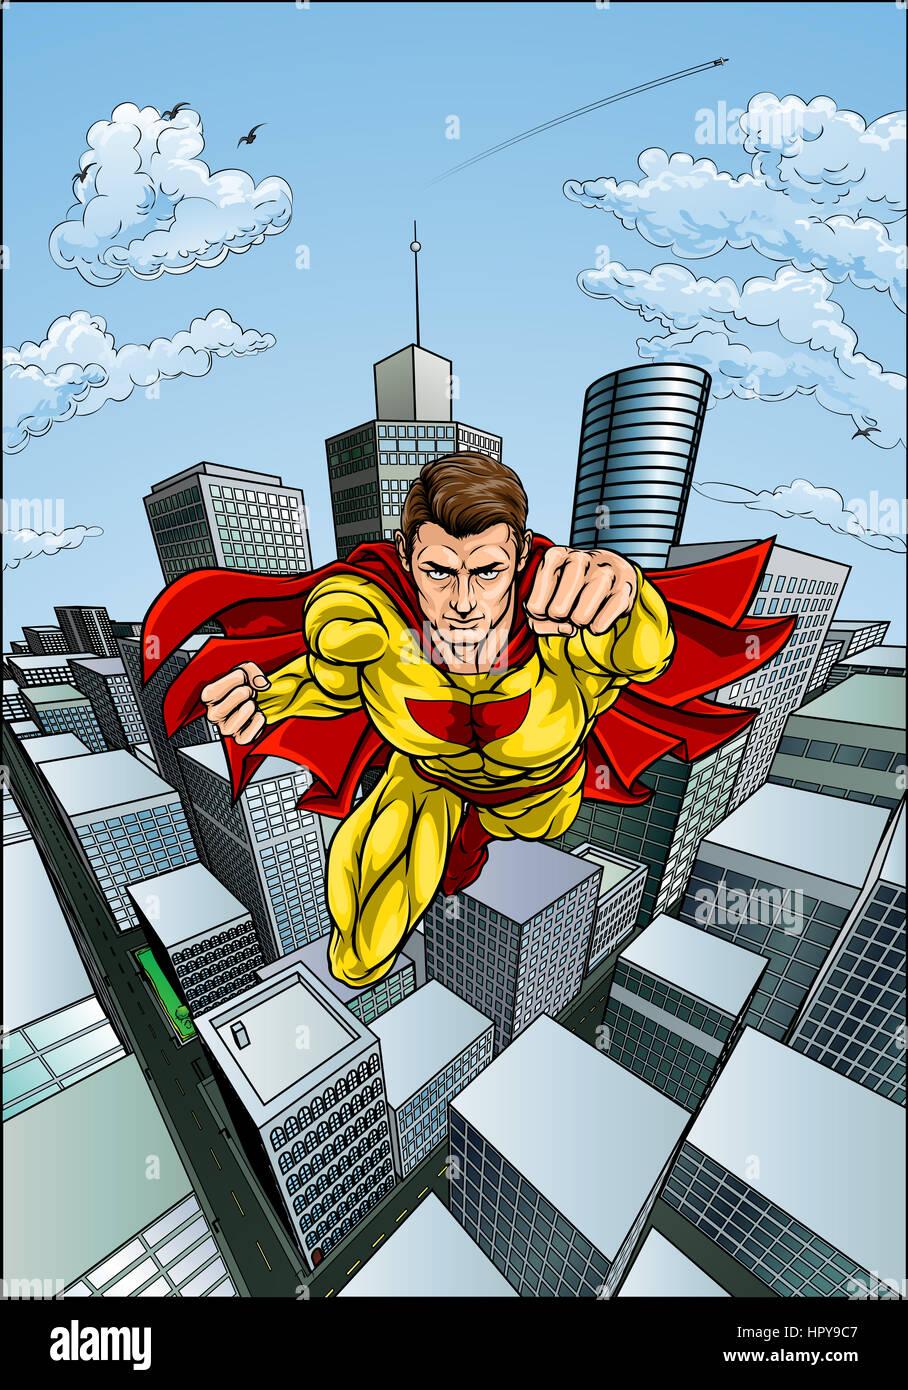 vente au royaume uni en gros Clairance de 60% Caractère super-héros avec une cape dans un dessin pop art ...